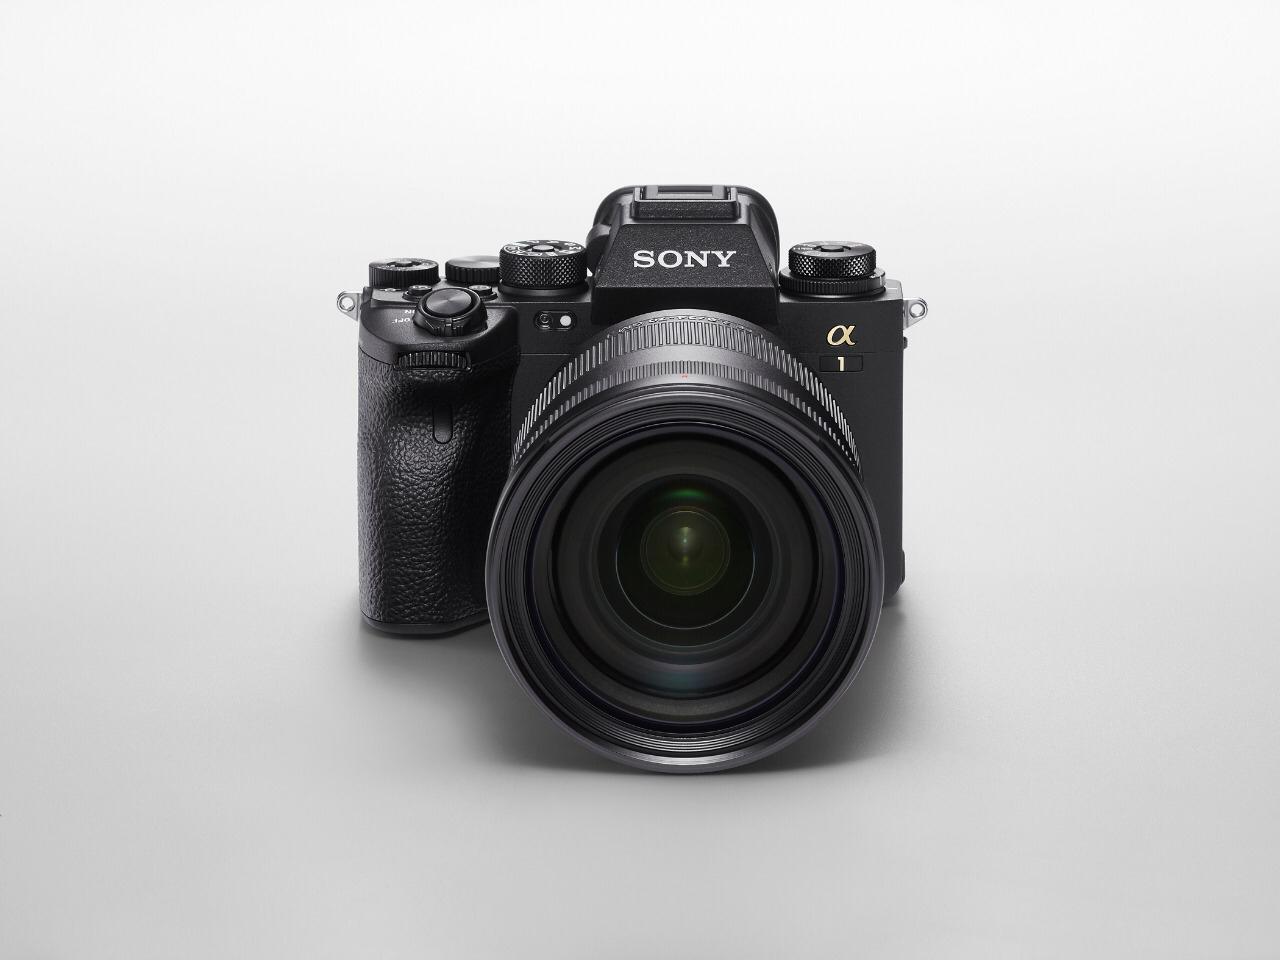 كاميرا Alpha 1 الرائدة تعلن عن عصر جديد في عالم التصوير الاحترافي